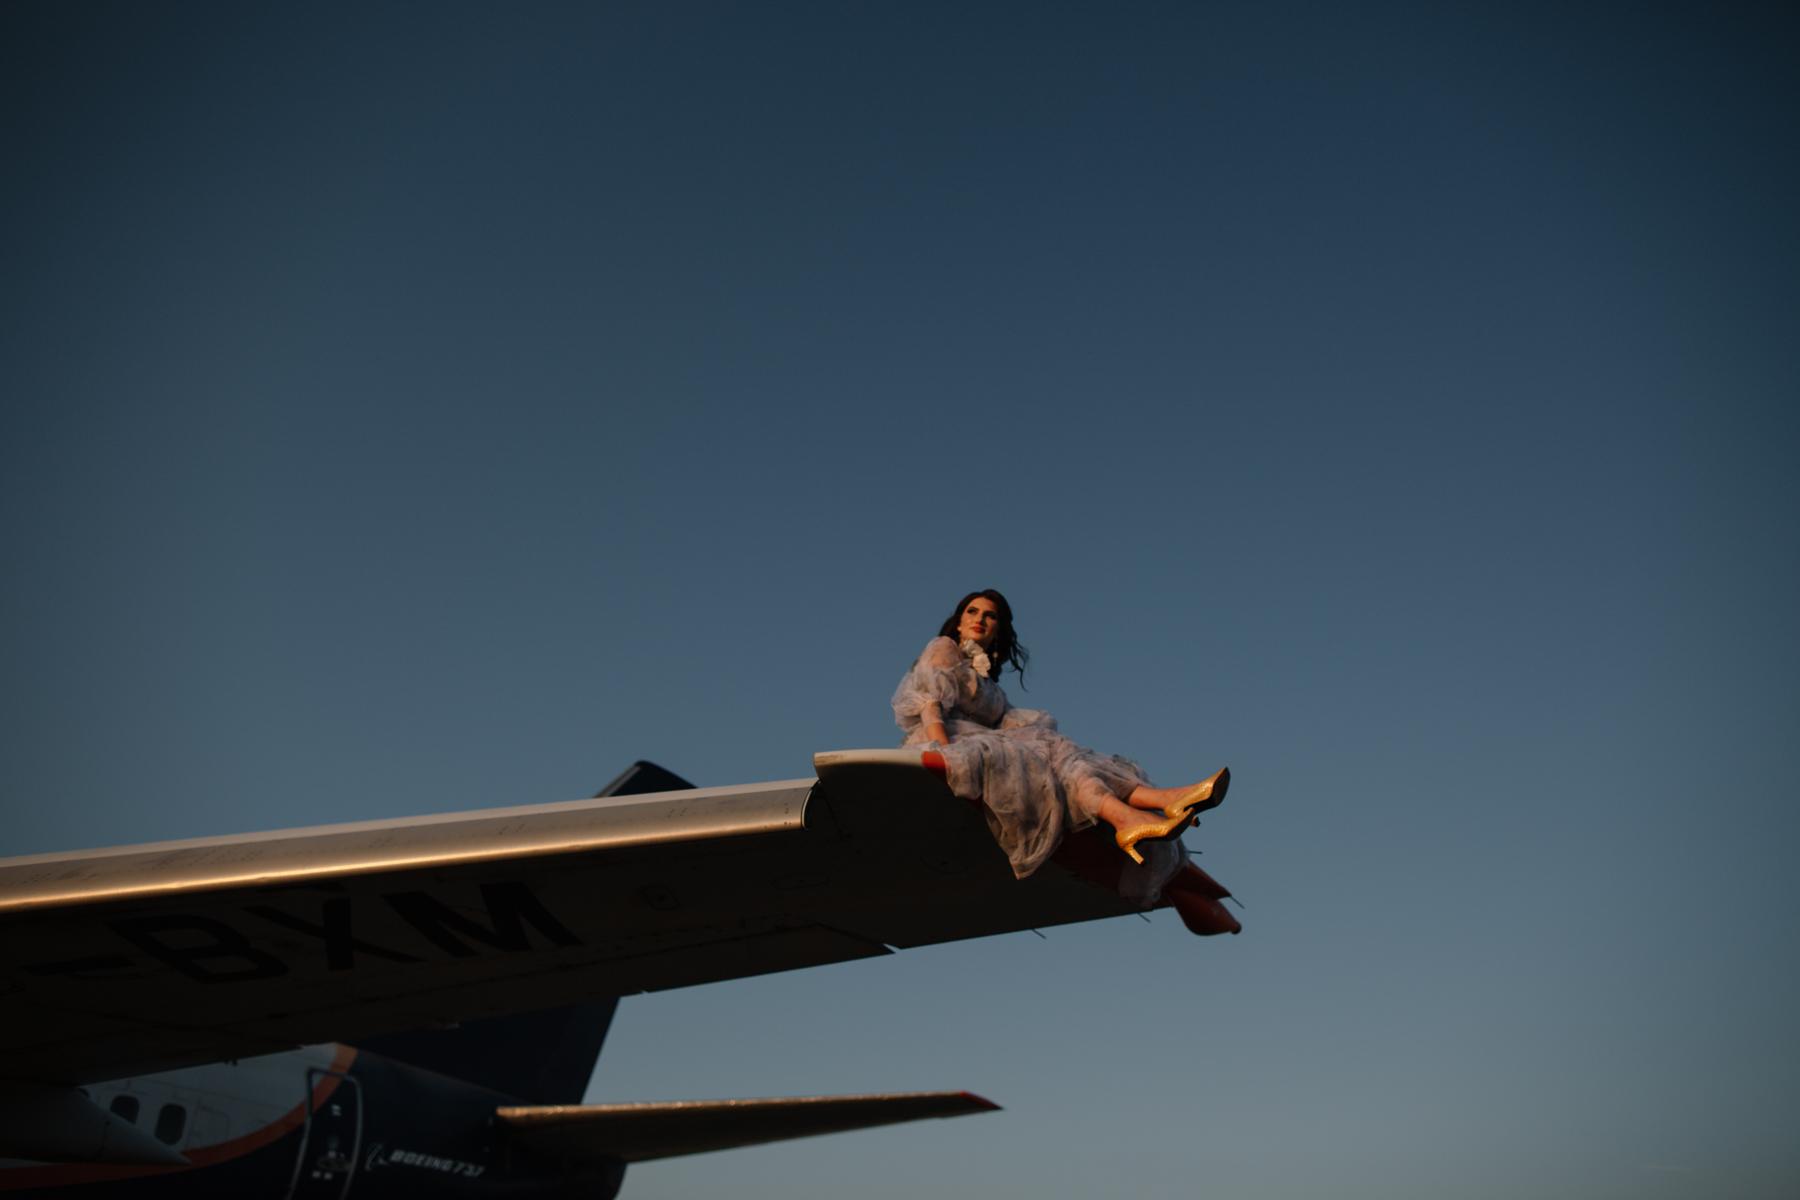 Сотрудники аэропорта Симферополь стали участниками фотосессии для модного журнала